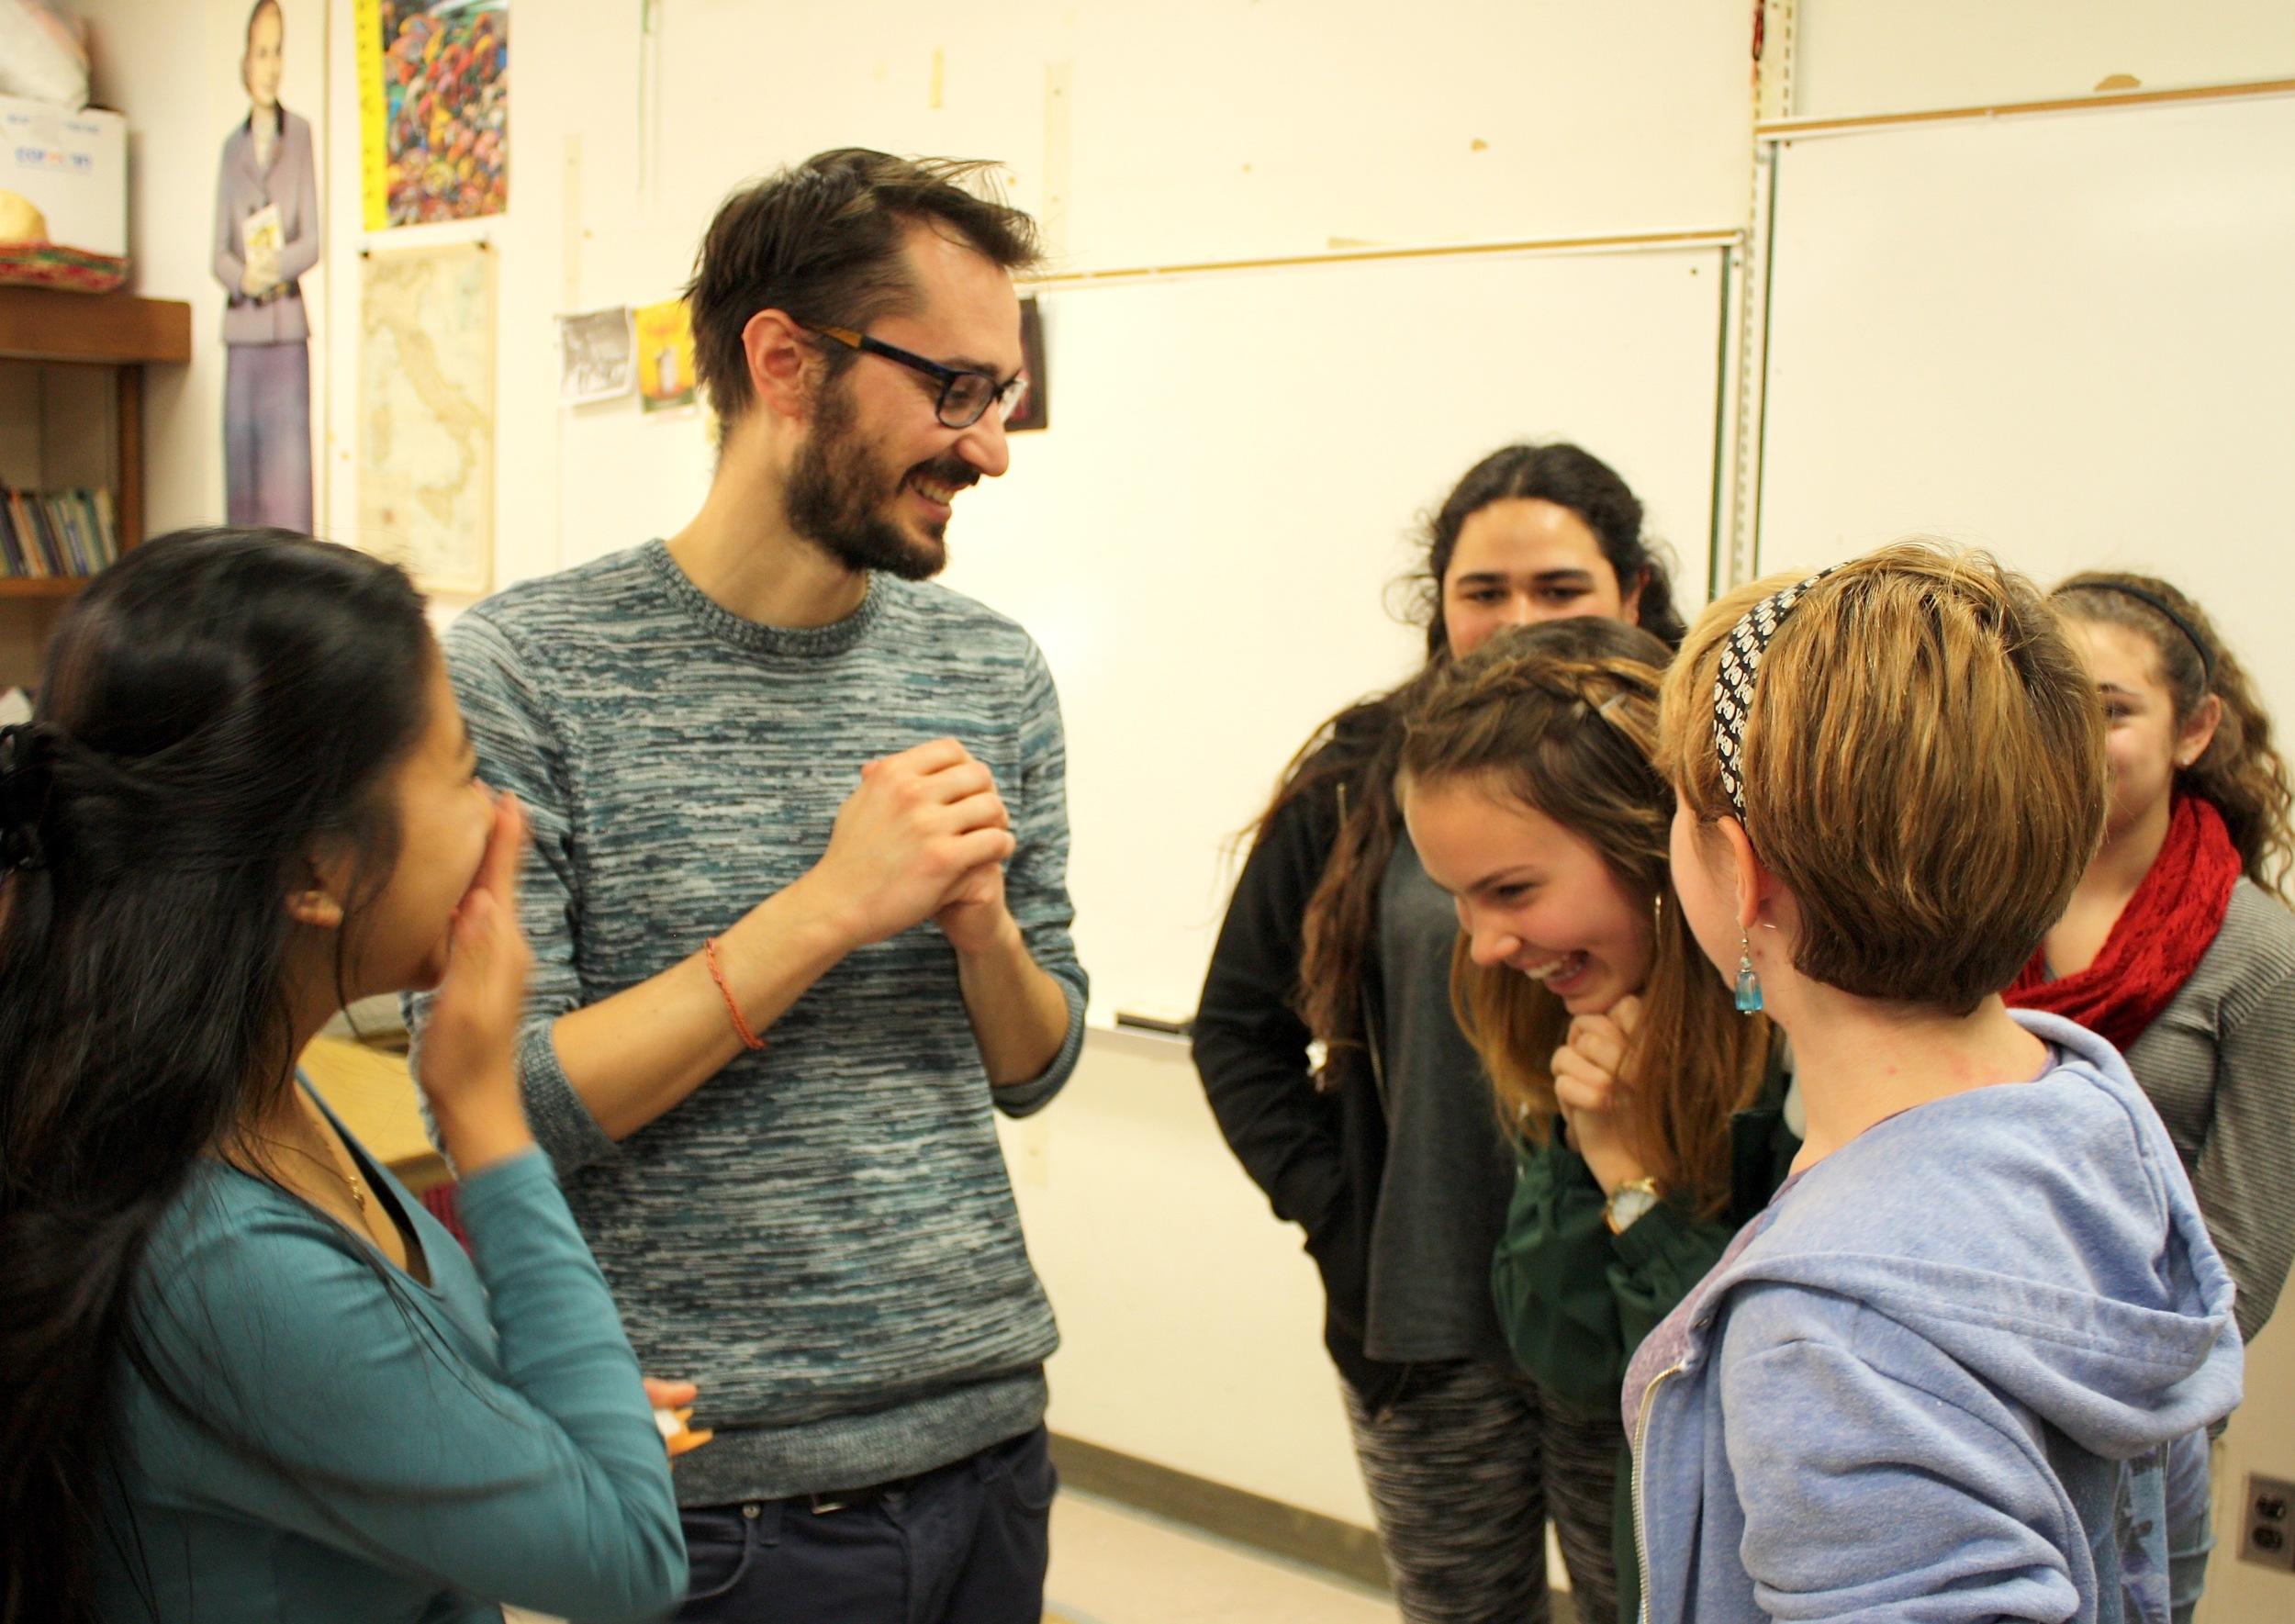 Filmmaker Matteo Bini at Lowell High School